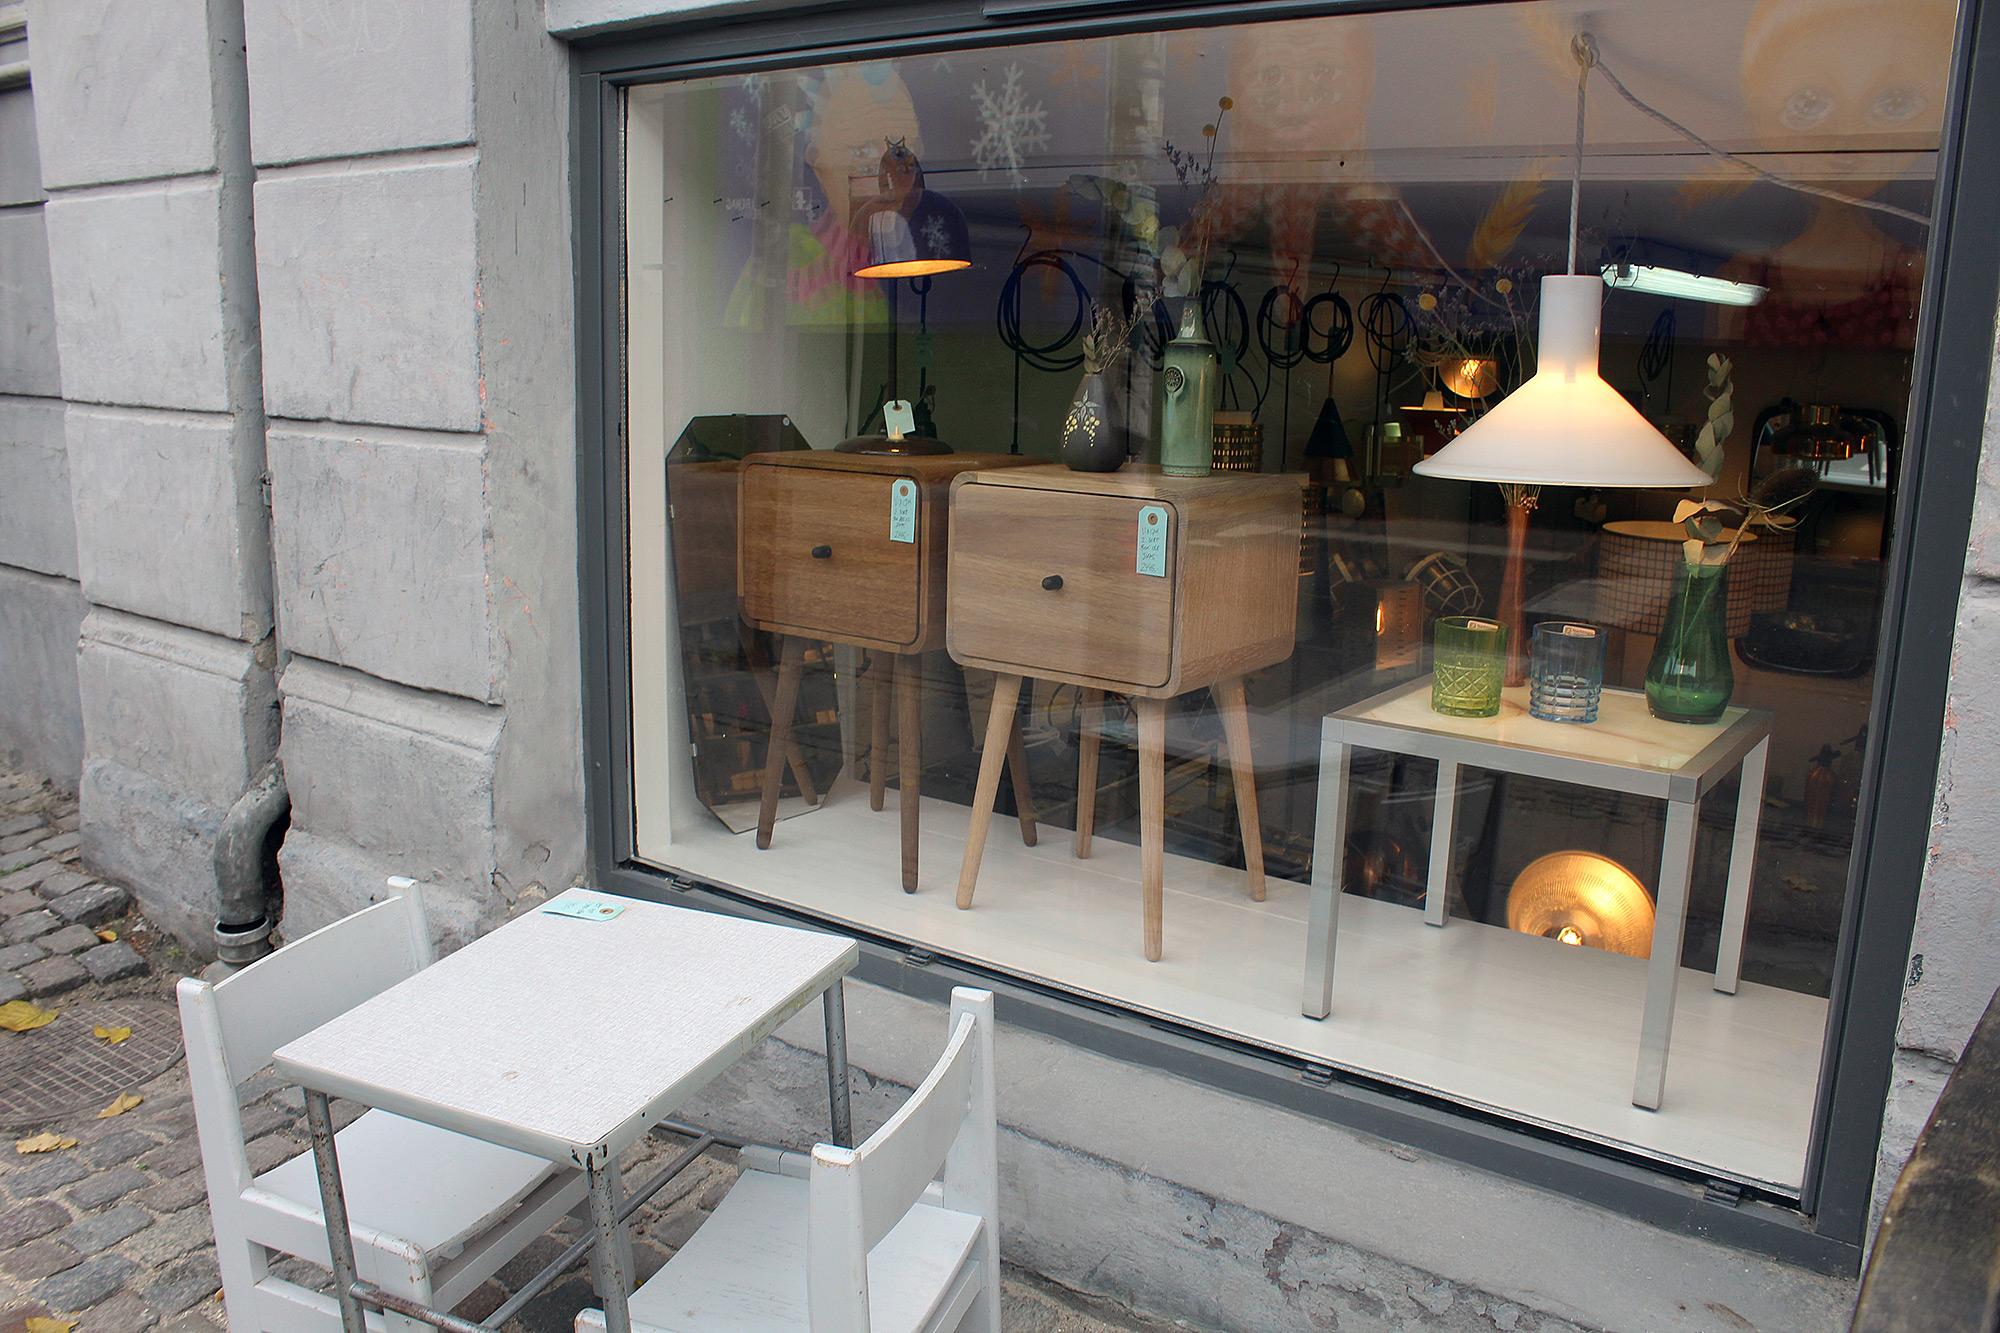 citycheck kopenhagen zwischen designm beln und altbauten moebel liebe. Black Bedroom Furniture Sets. Home Design Ideas